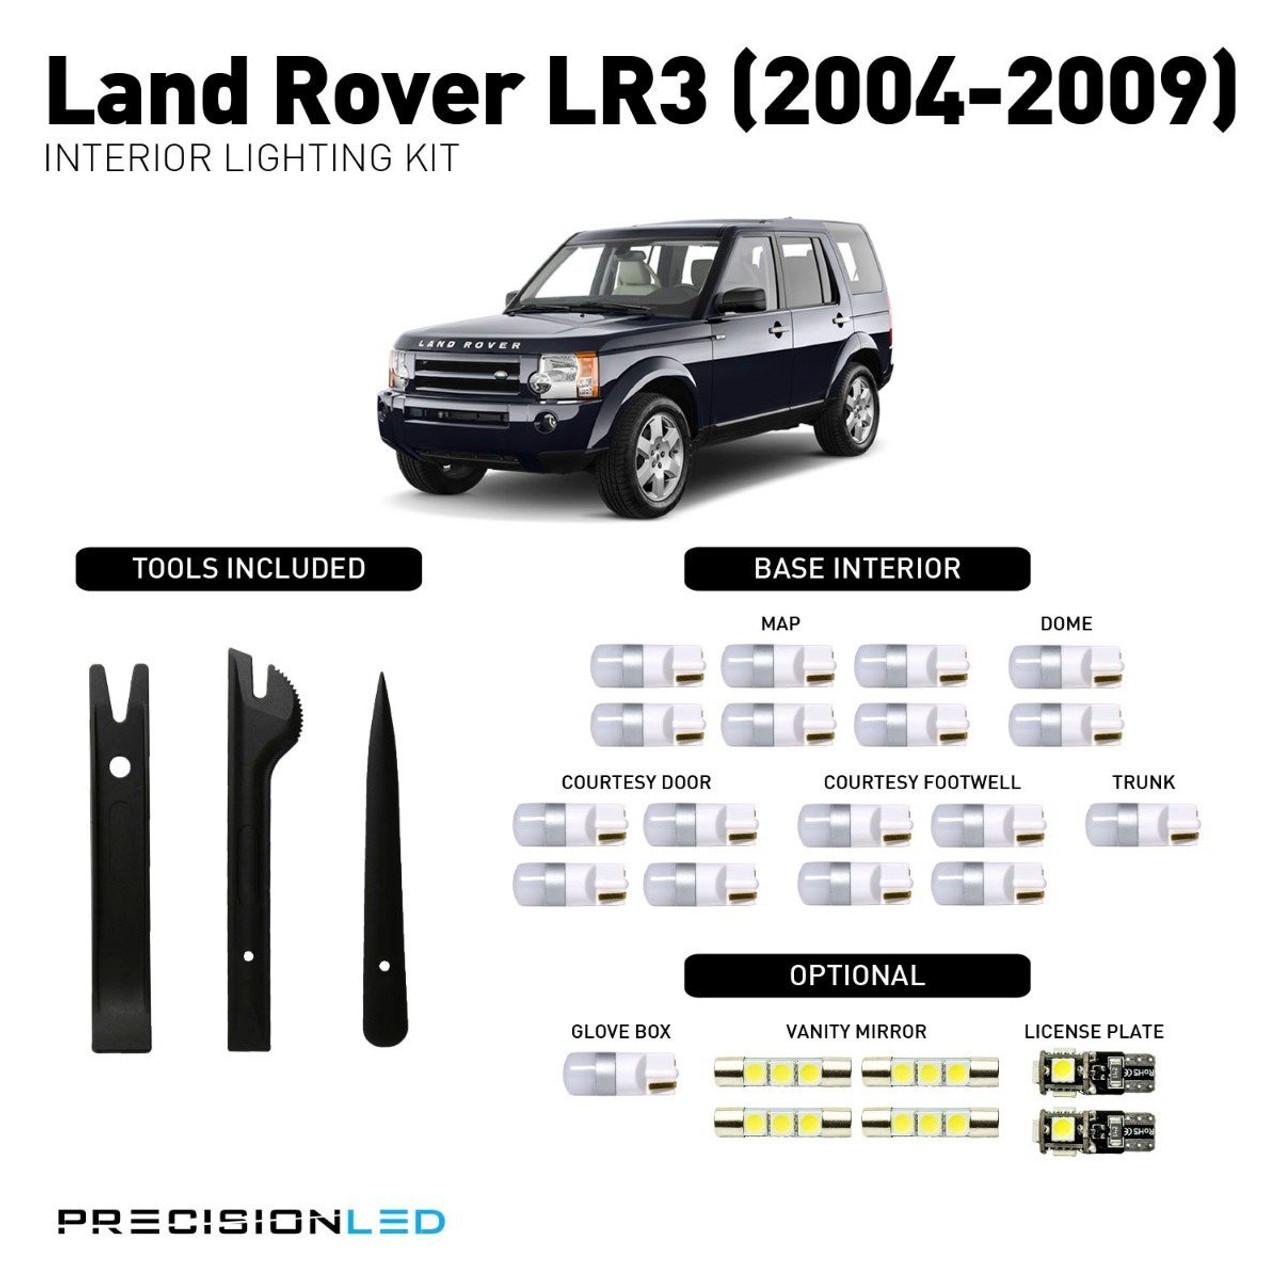 Land Rover LR3 Premium LED Interior Package (2004-2009)